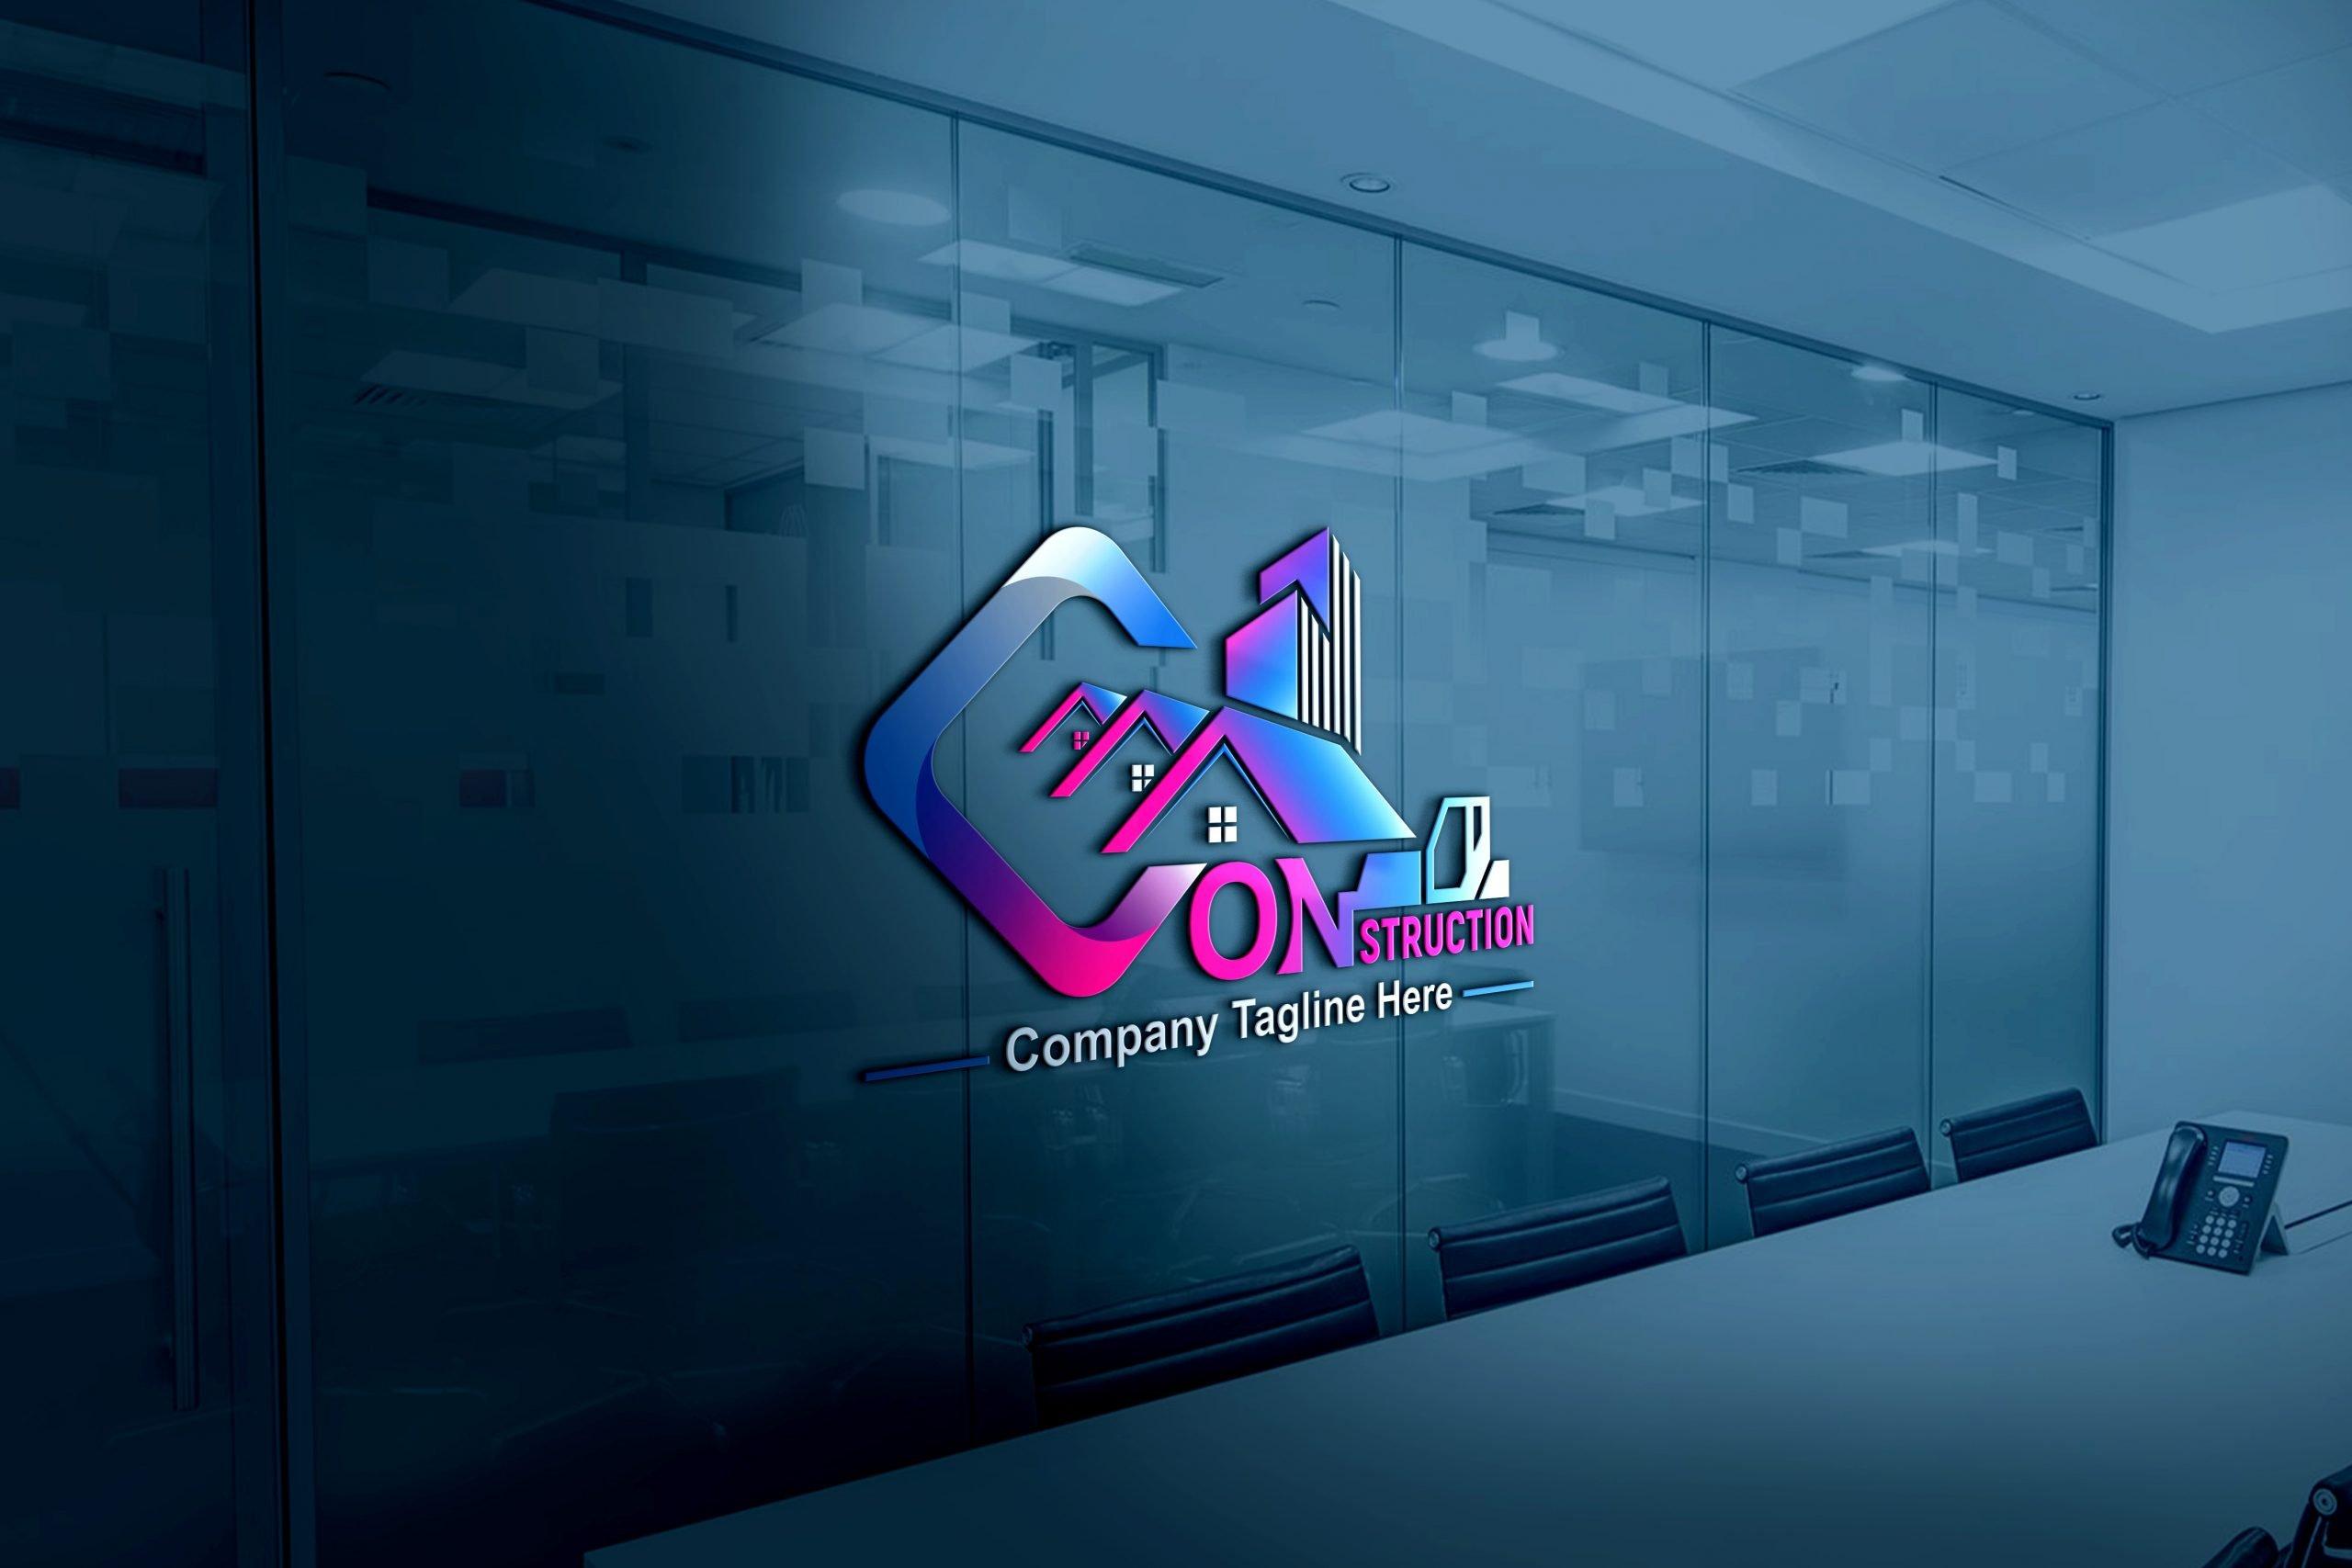 Construction Company, Contractor, Handyman Logo Design Download